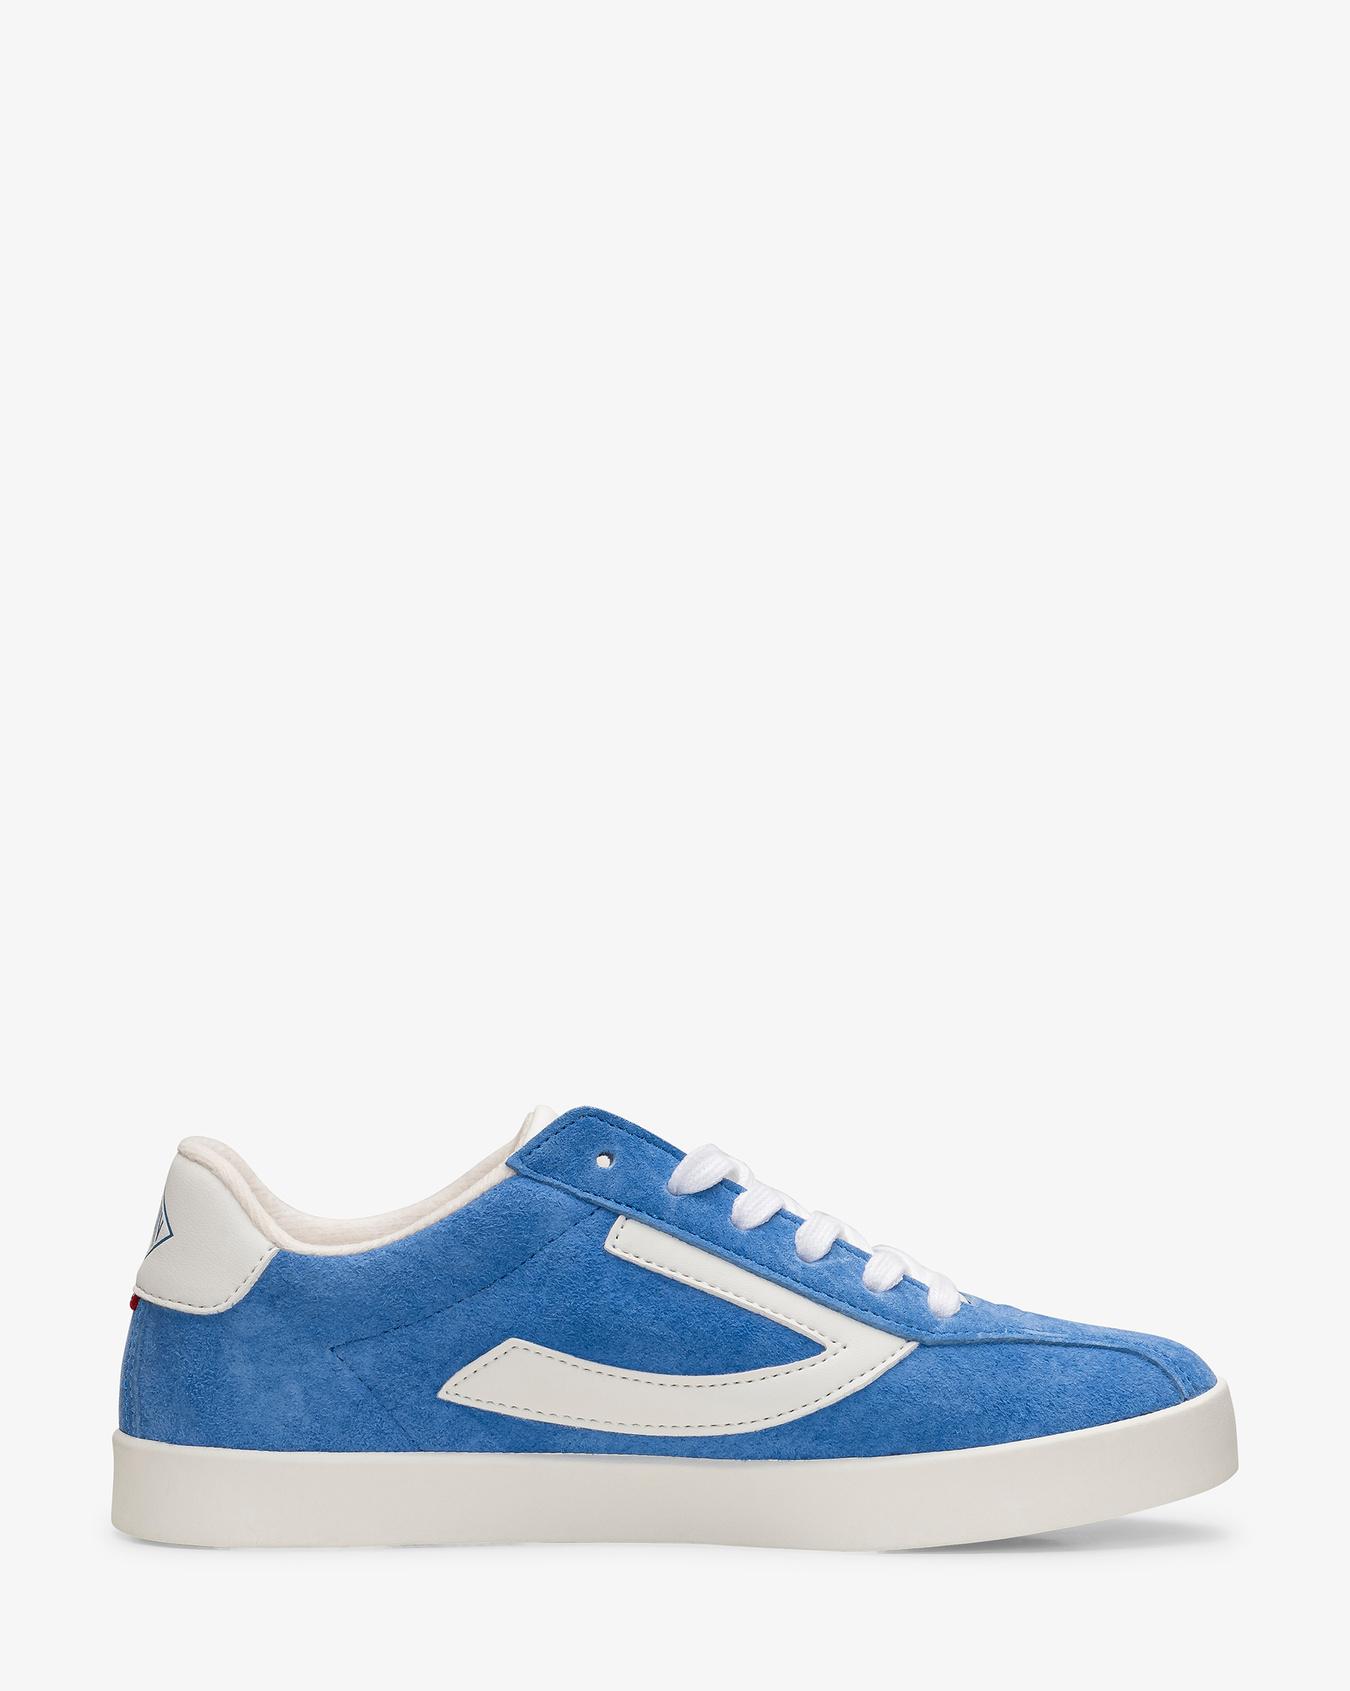 Retro Trim Adult Sneaker